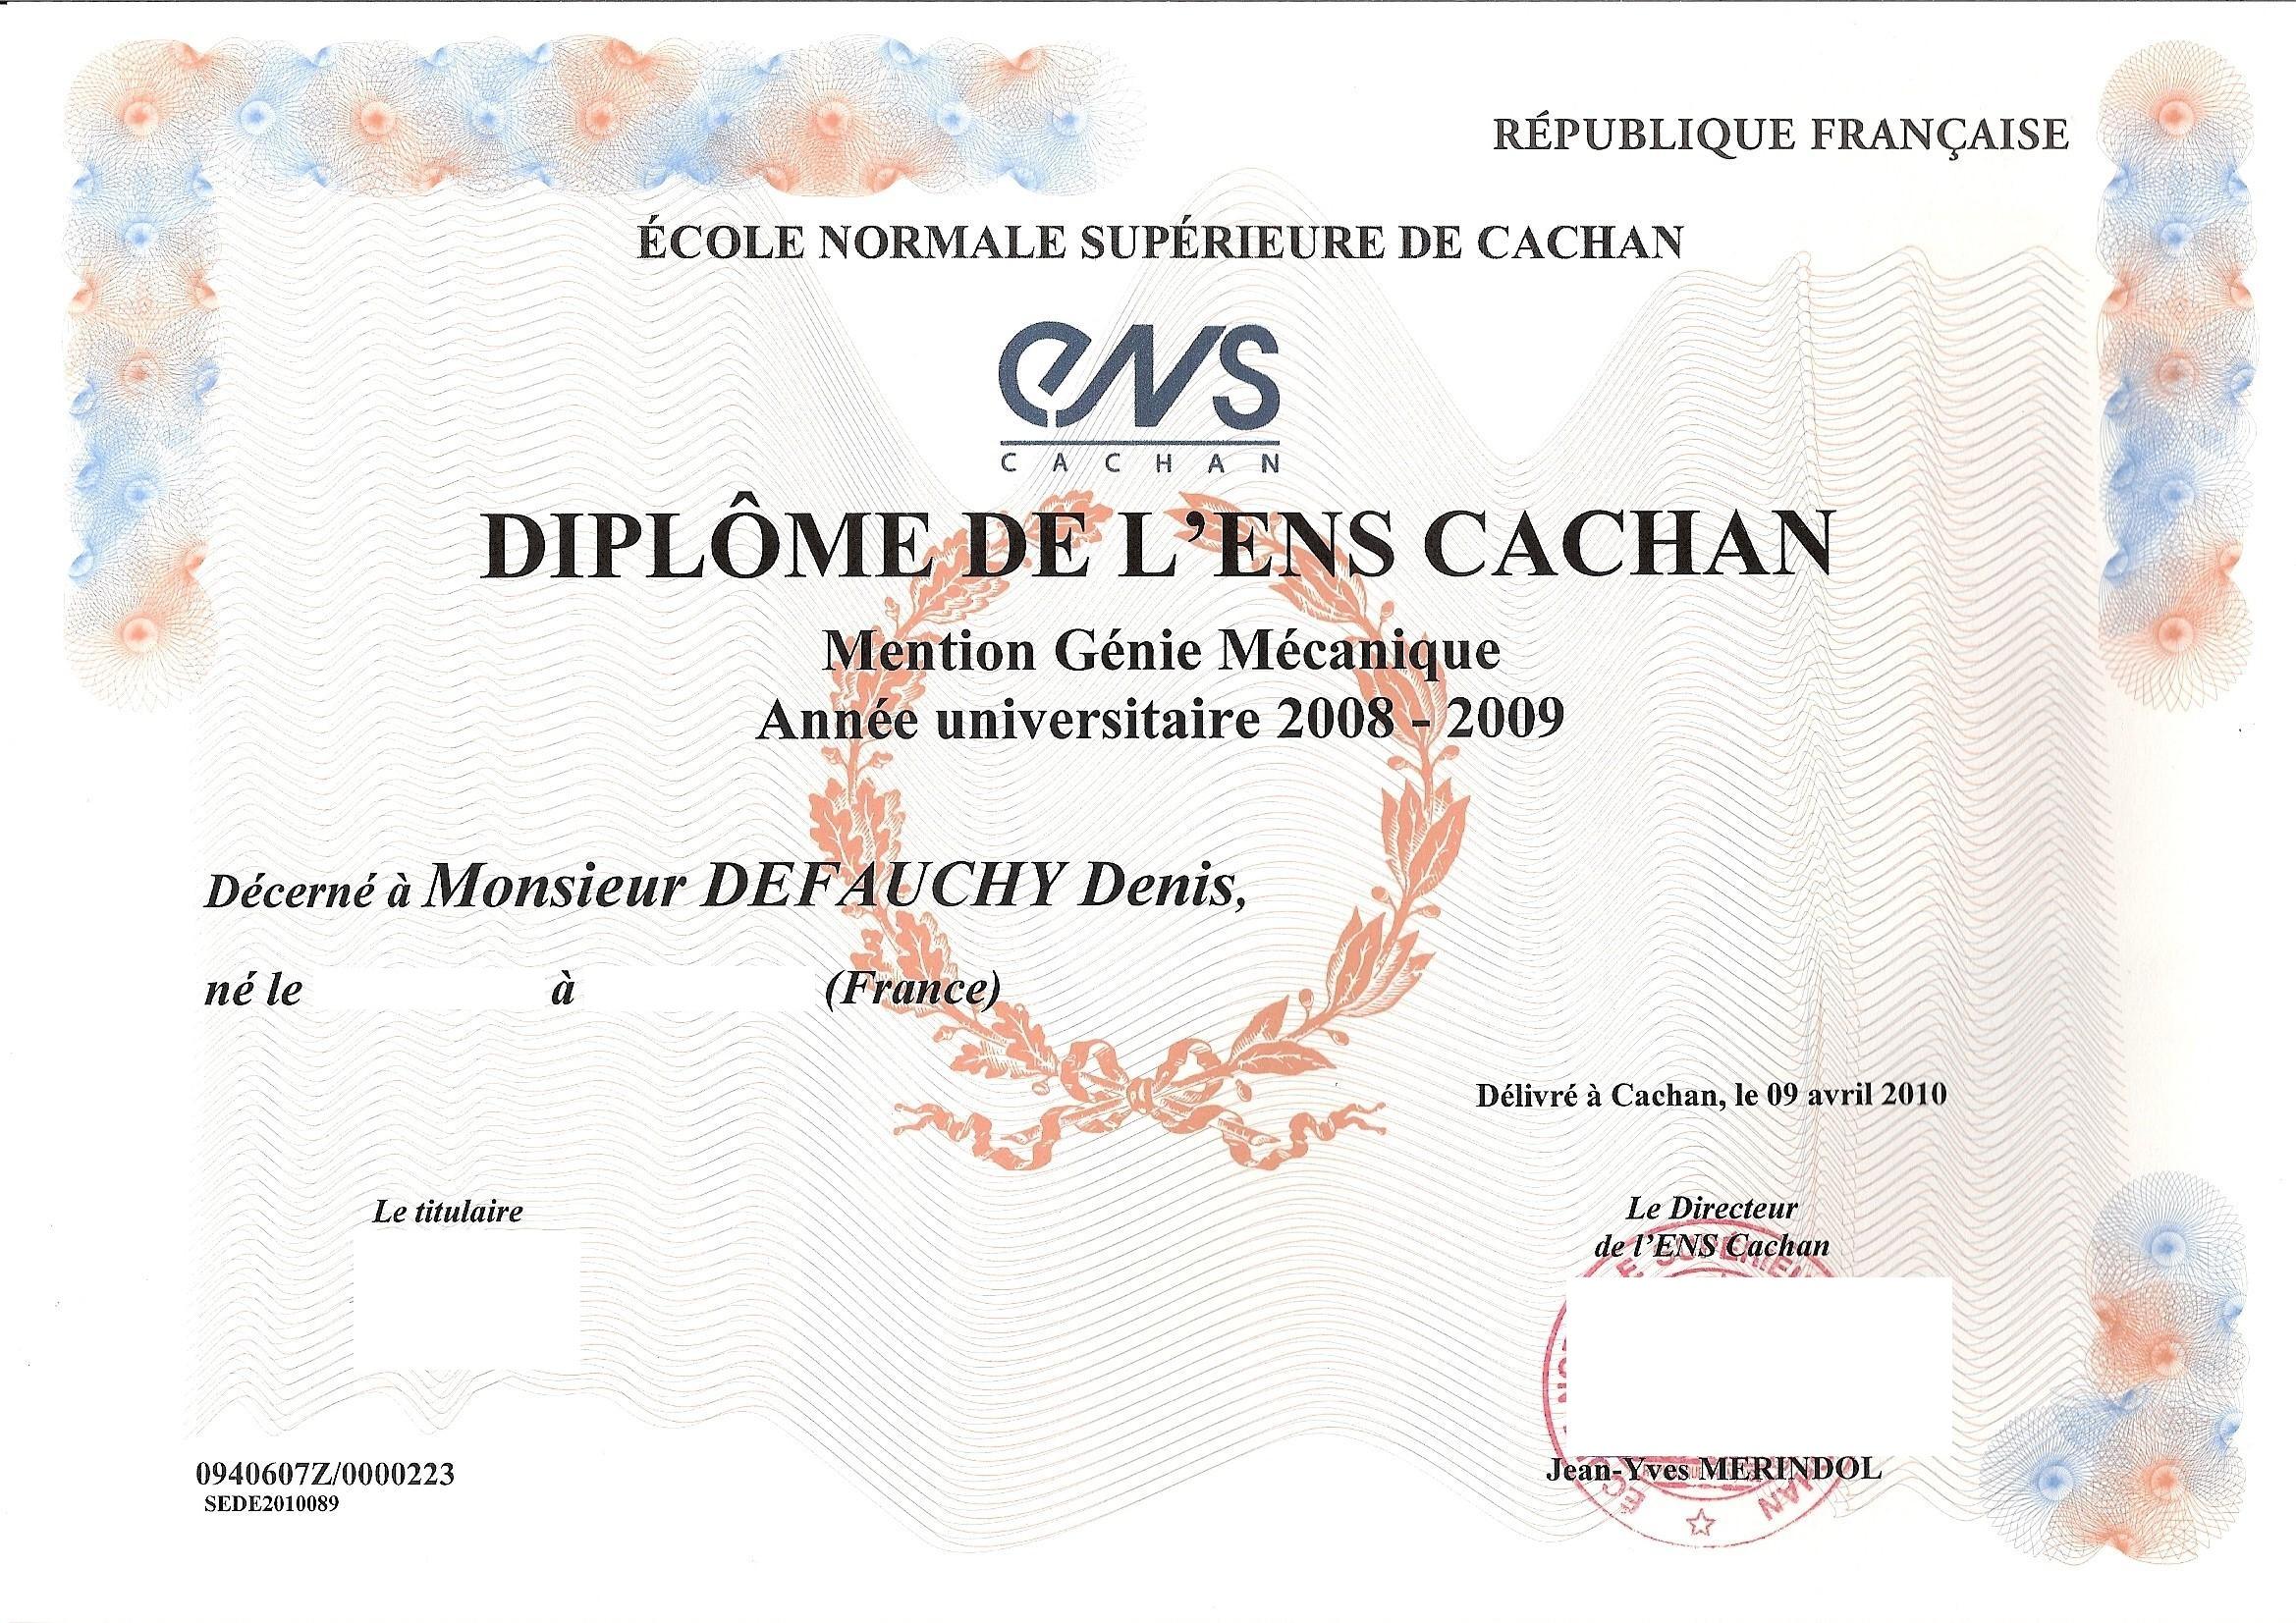 Diplôme de l'ENS Cachan de Denis DEFAUCHY